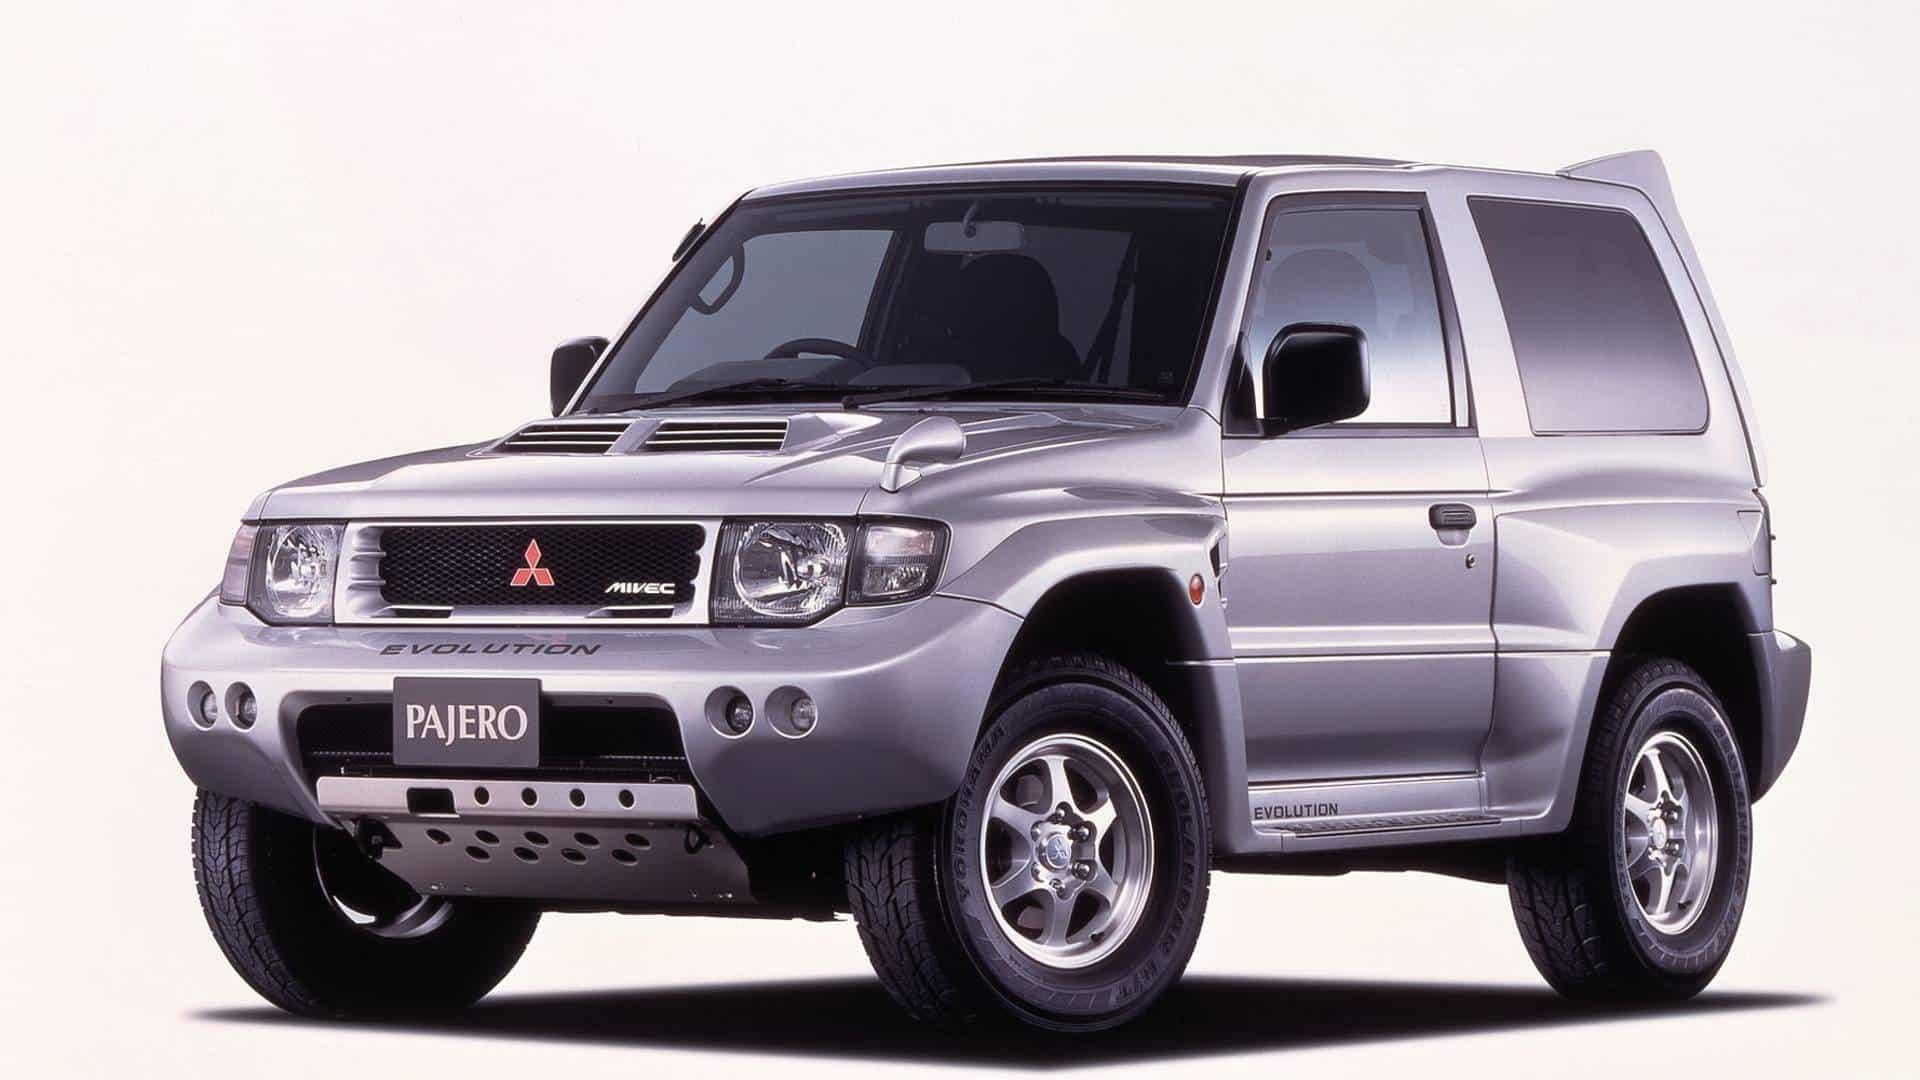 Mitsubishi Pajero Picture